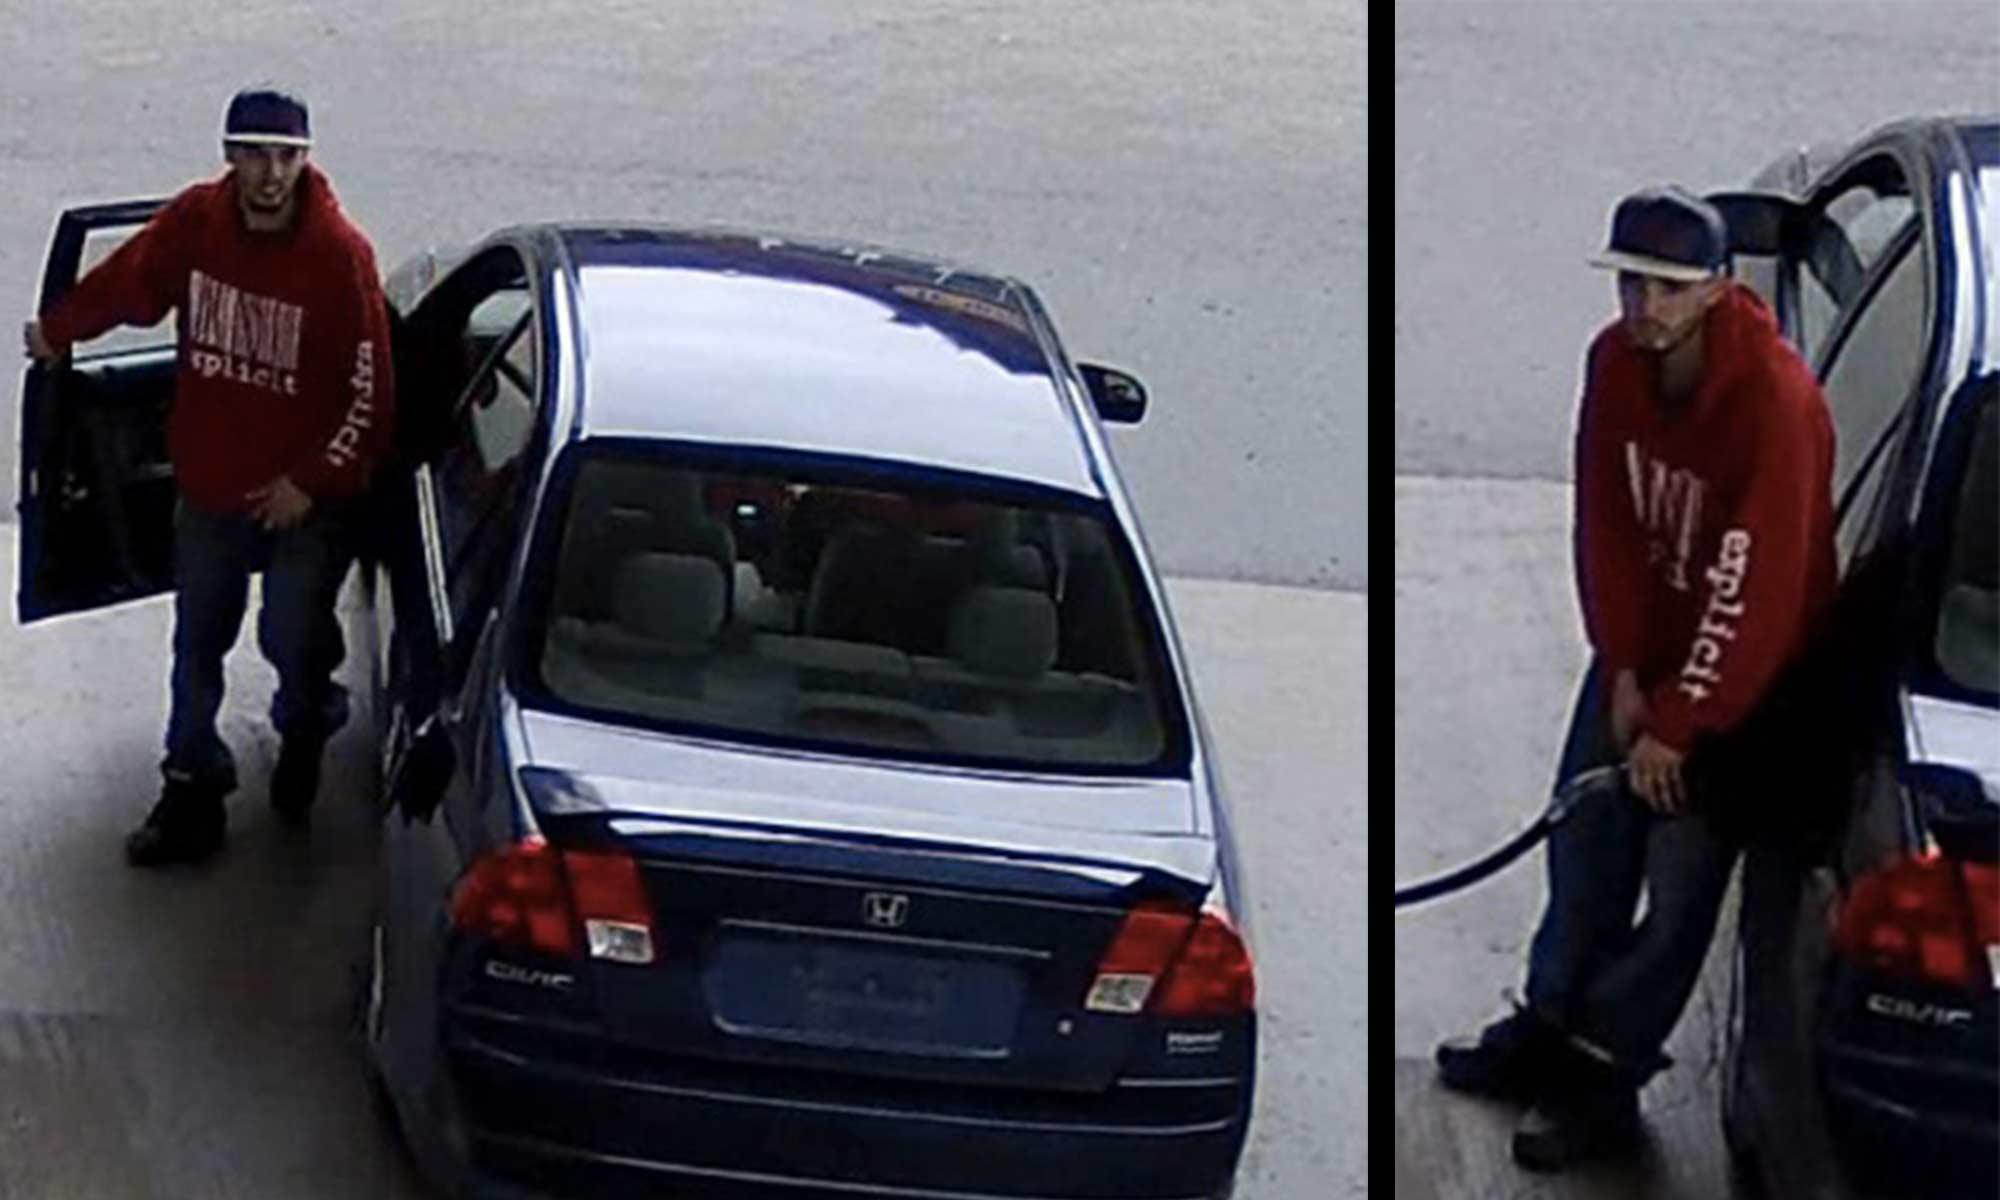 Images extraites des caméras de surveillance fournies par la Sûreté du Québec.